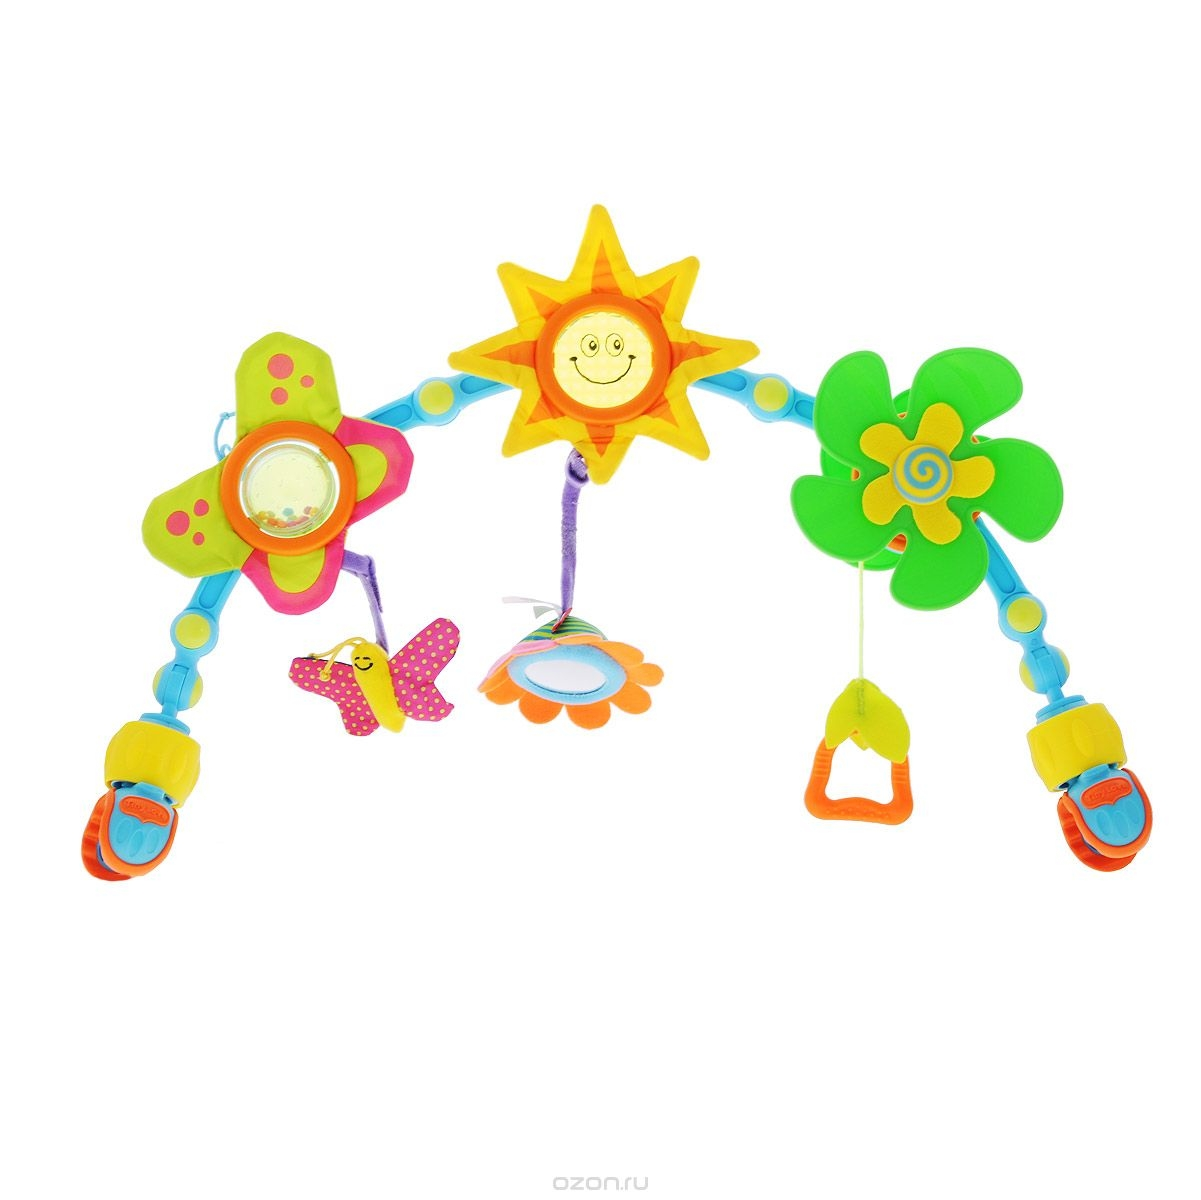 Путешествие с ребенком Tiny Love Дуга с подвесками Tiny Love «Солнечная» развивающая tiny love дуга с подвесками радуга tiny love